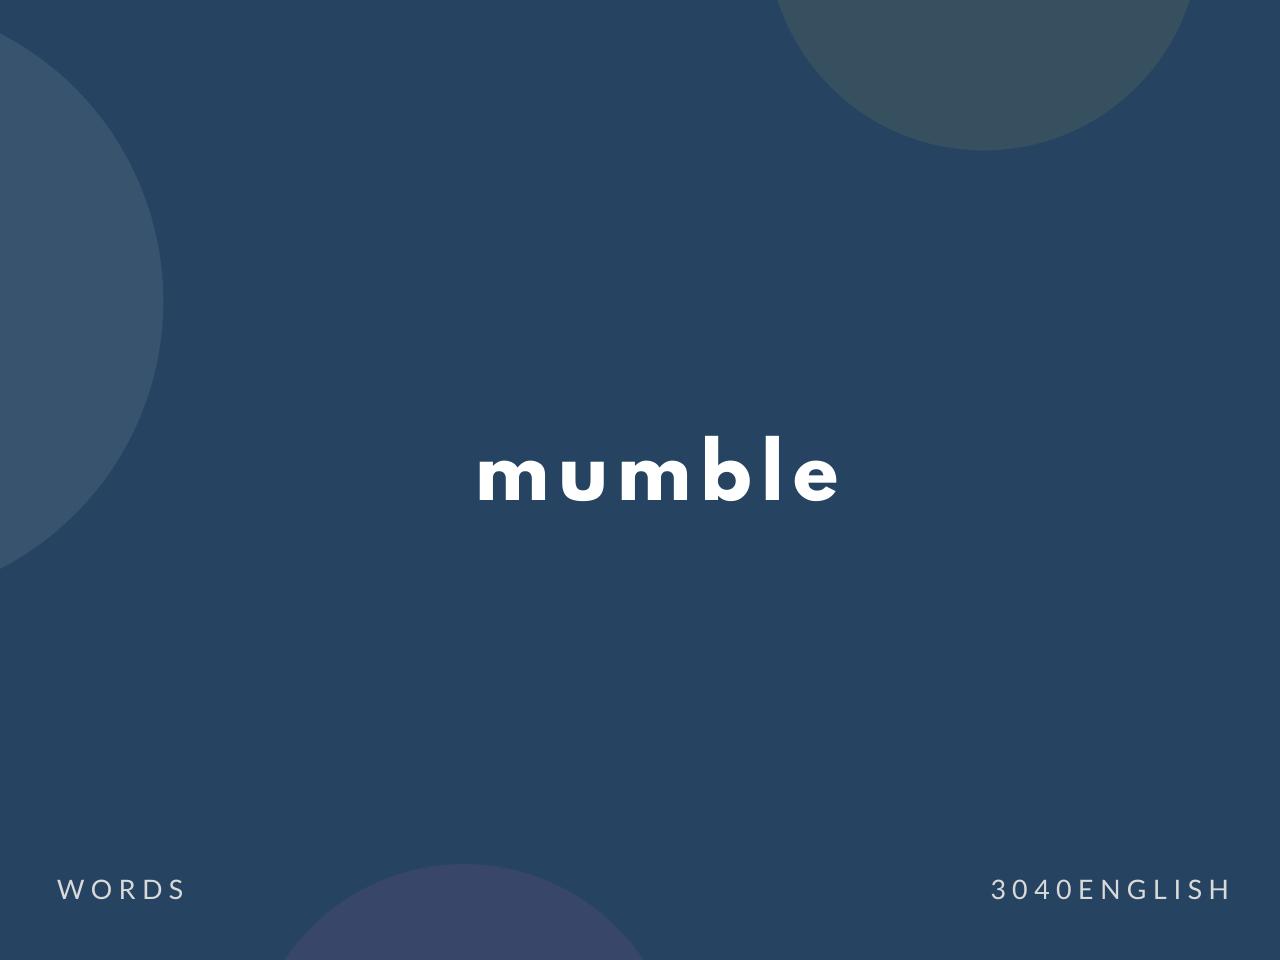 mumble の意味と簡単な使い方【音声・音読用例文あり】